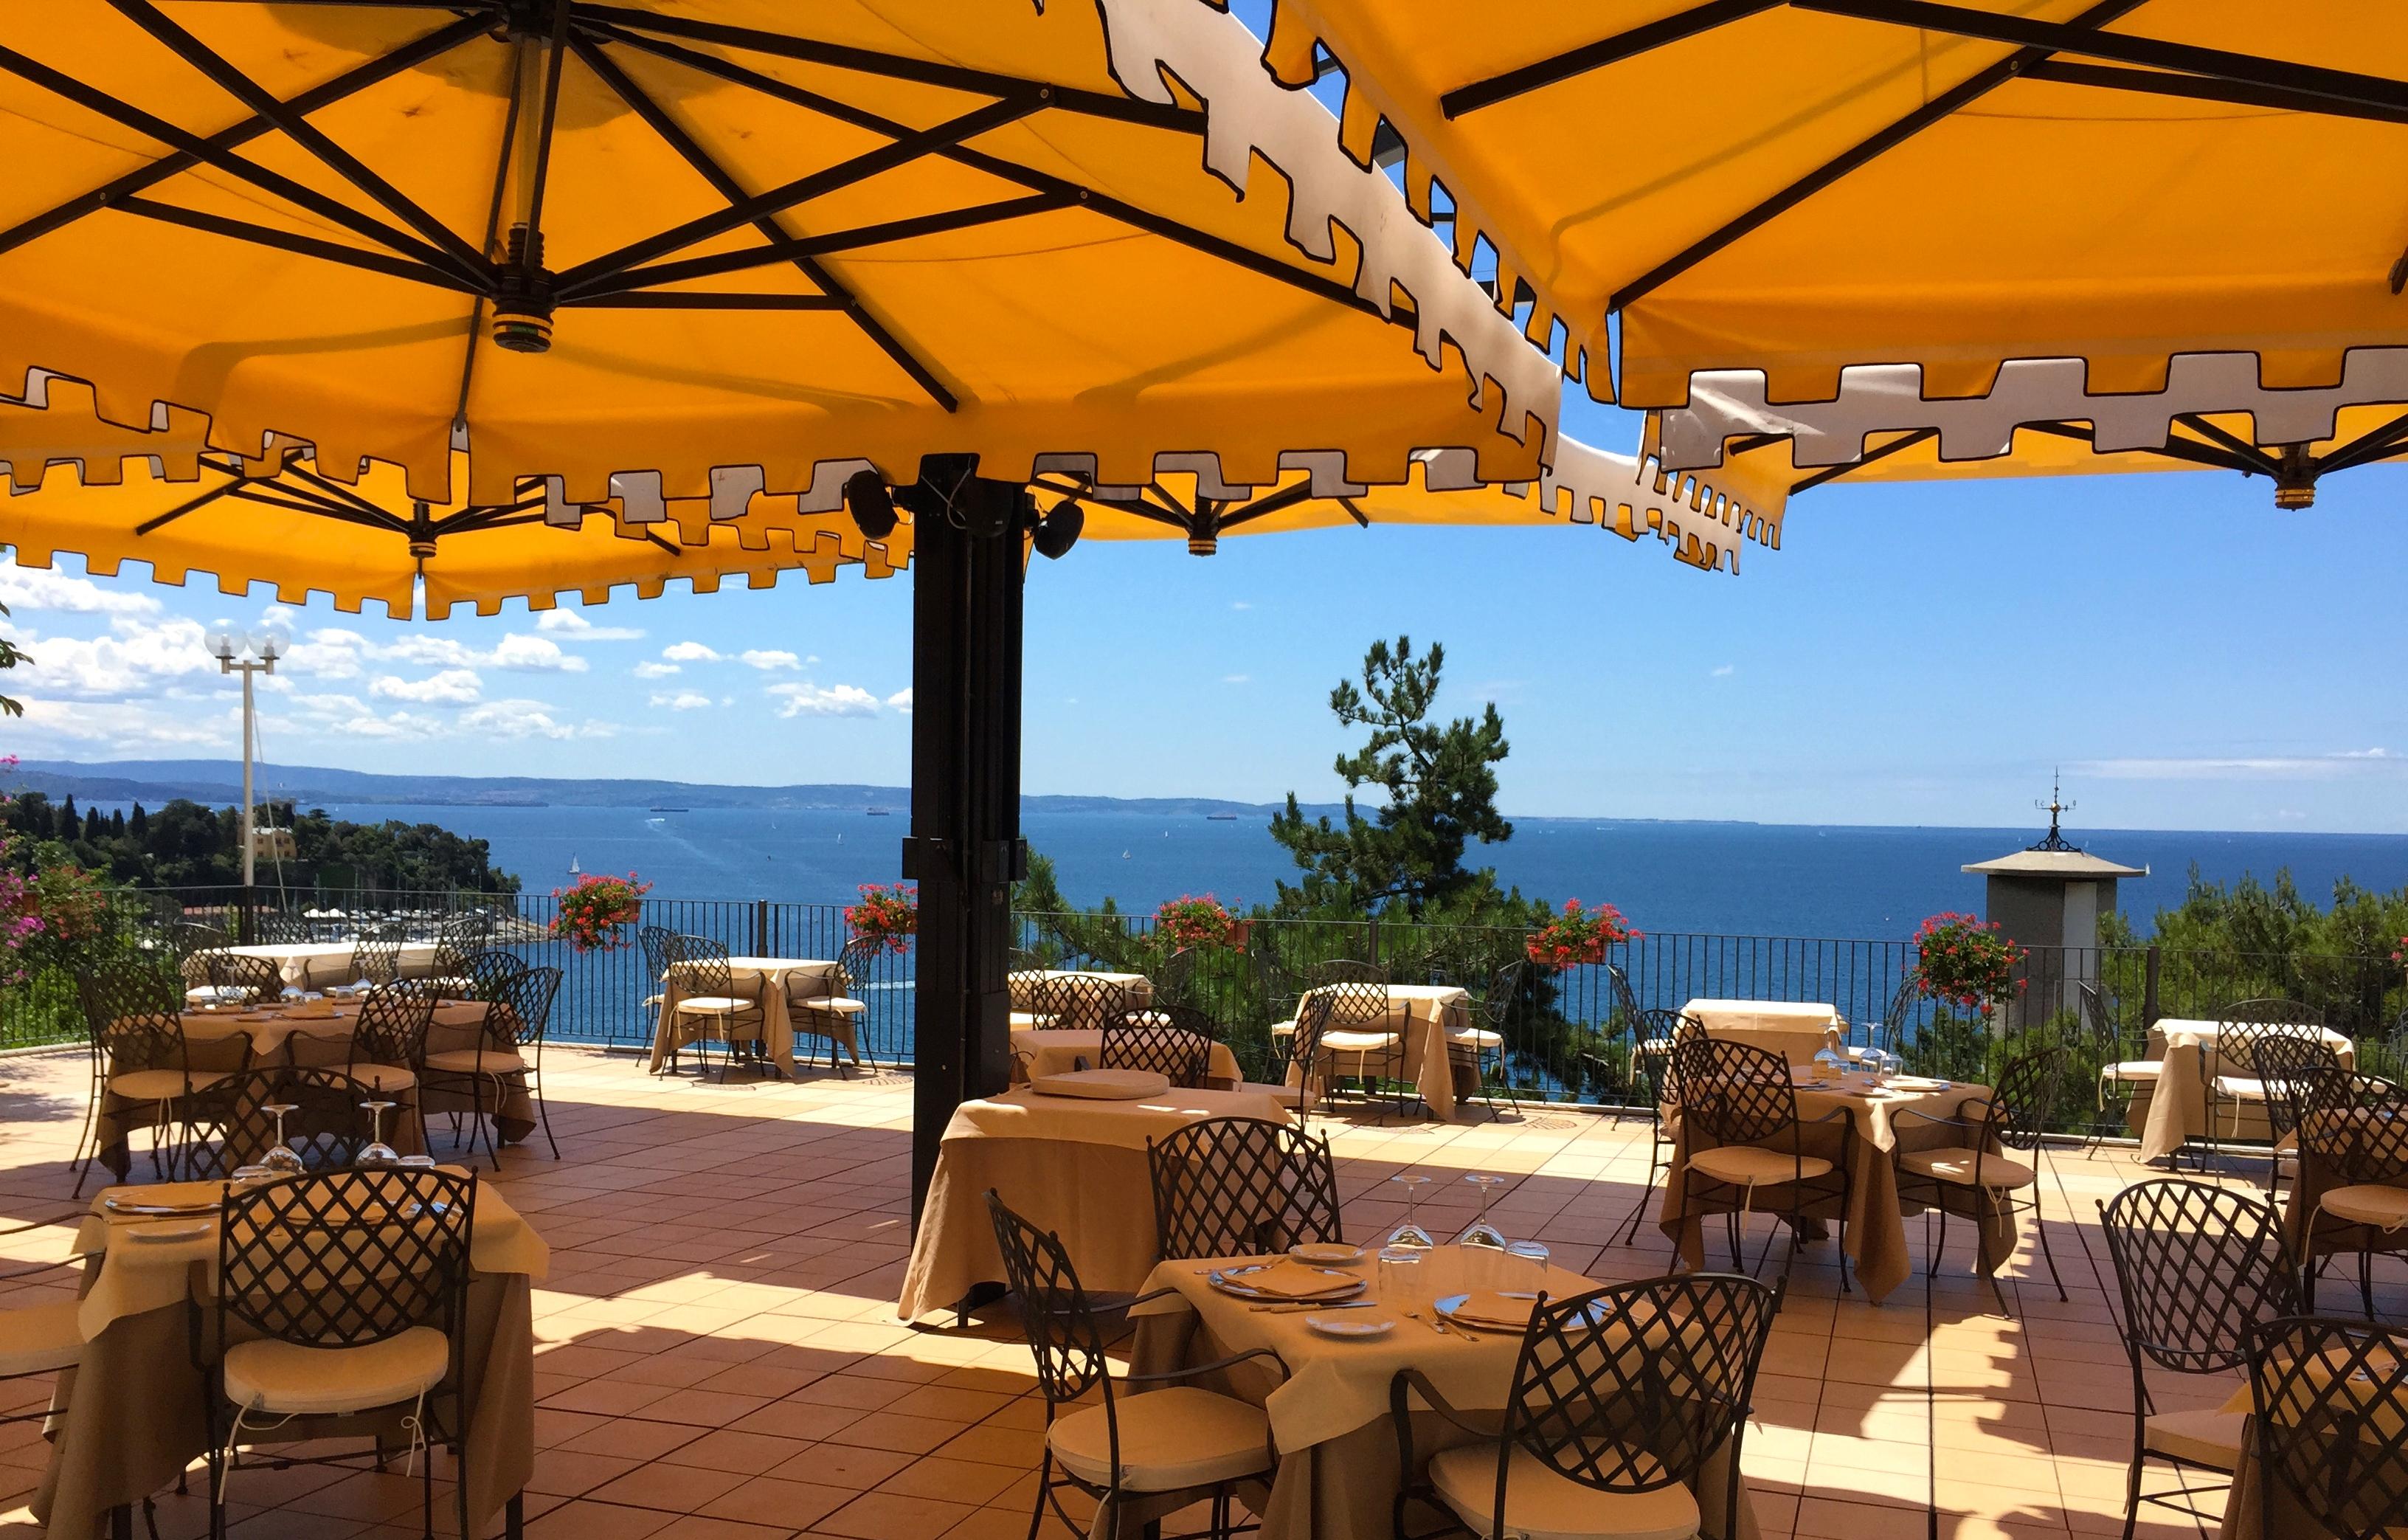 Hotel Riviera am Meer bei Triest im Friaul.